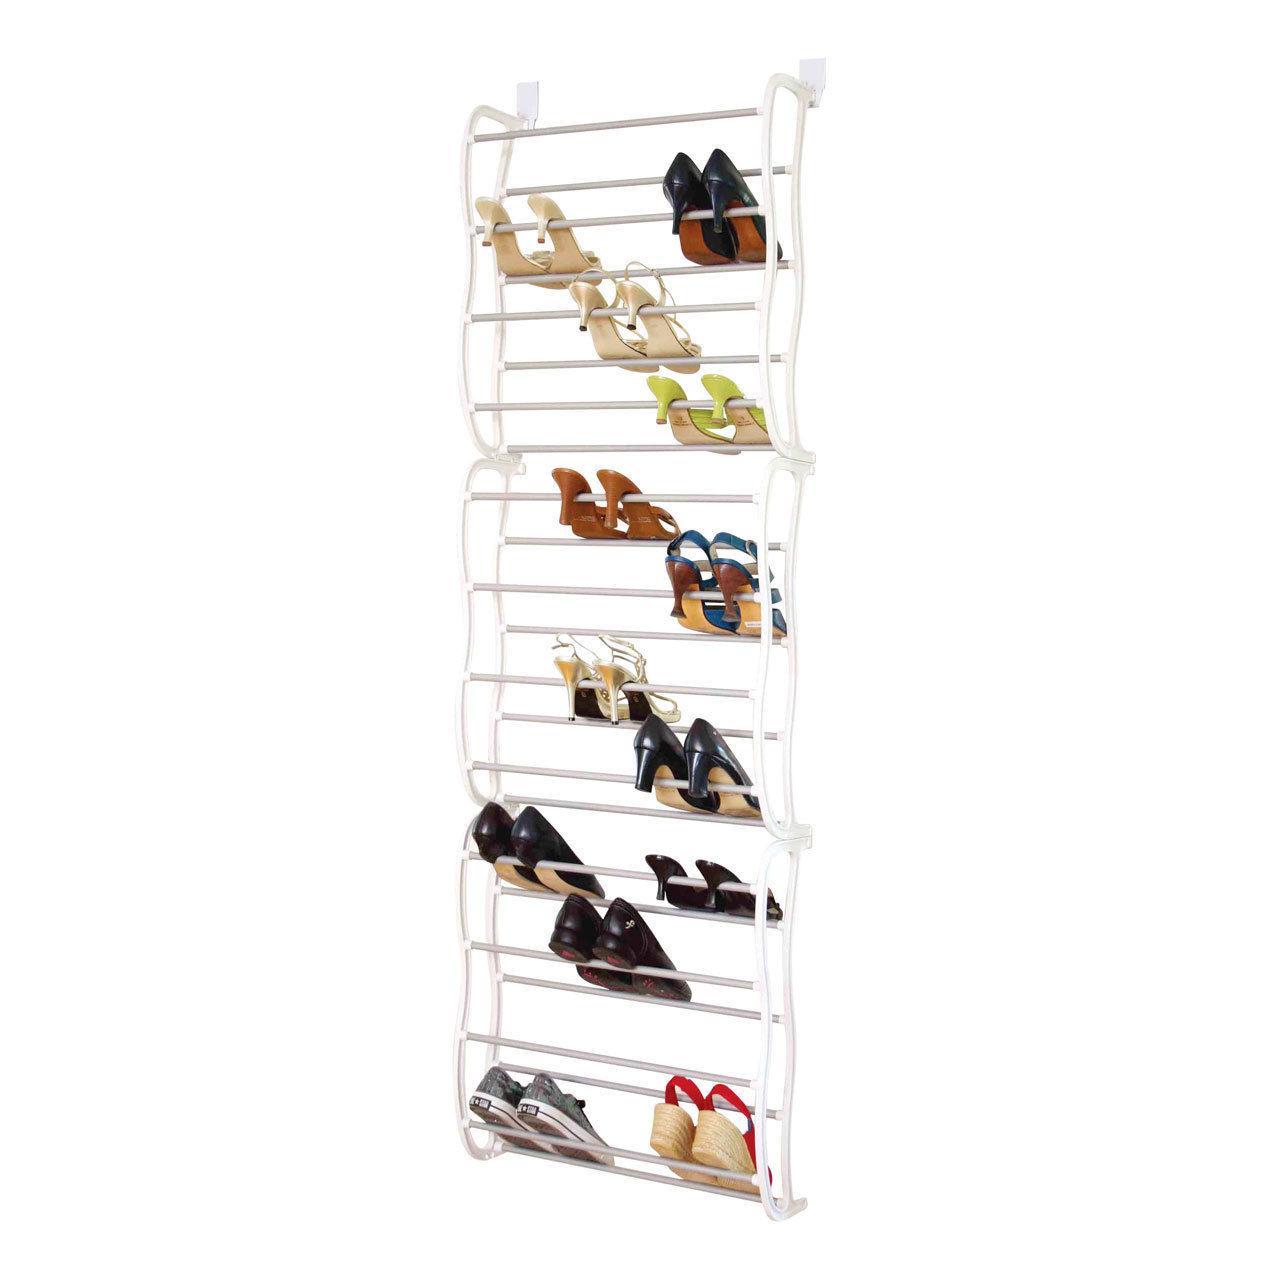 Κρεμαστή Παπουτσοθήκη Πόρτας 36 Ζευγαριών Door Shoe Rack